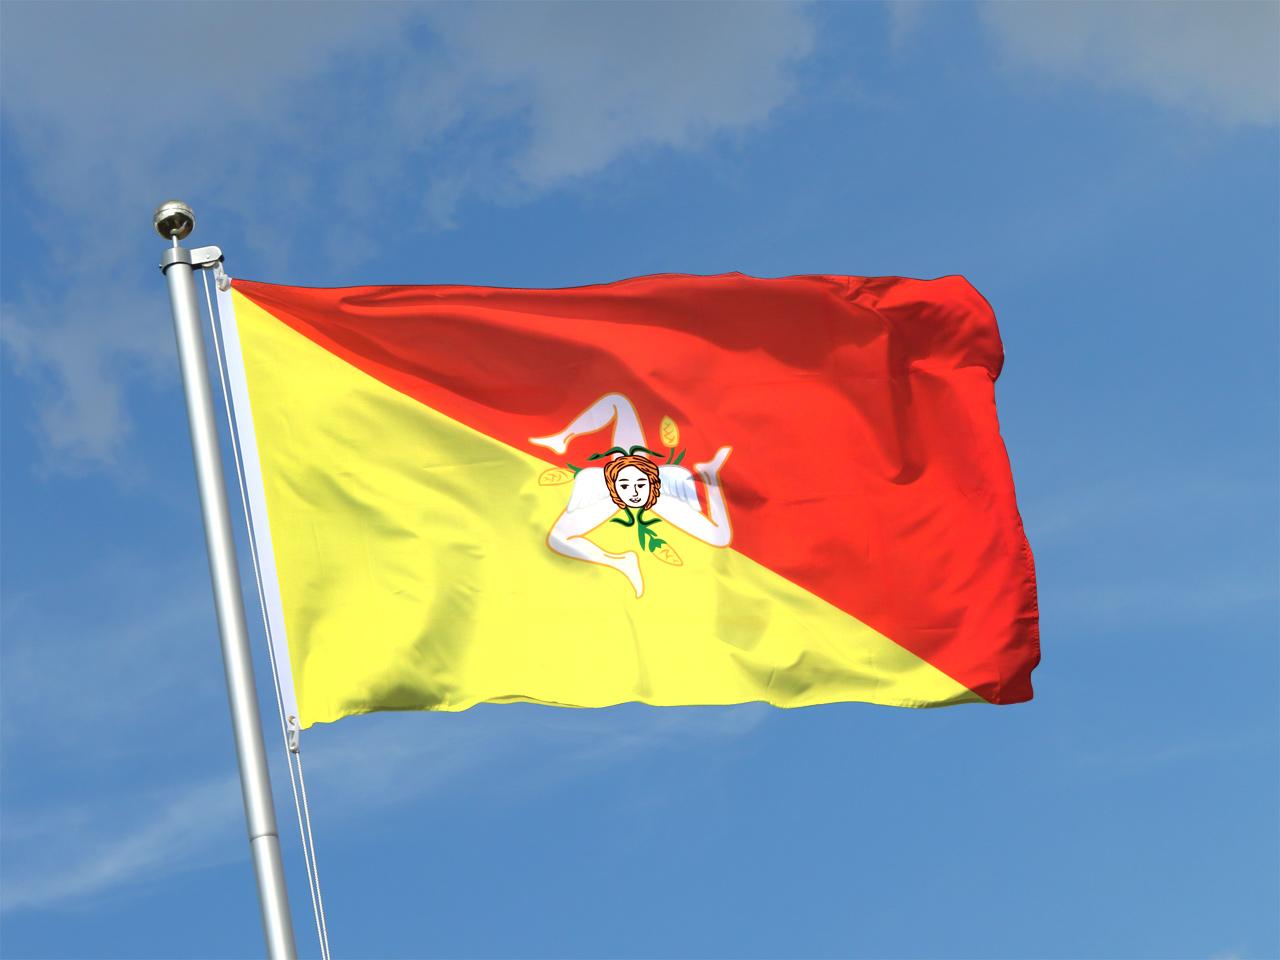 Buy italy sicily flag 3x5 ft 90x150 cm royal flags